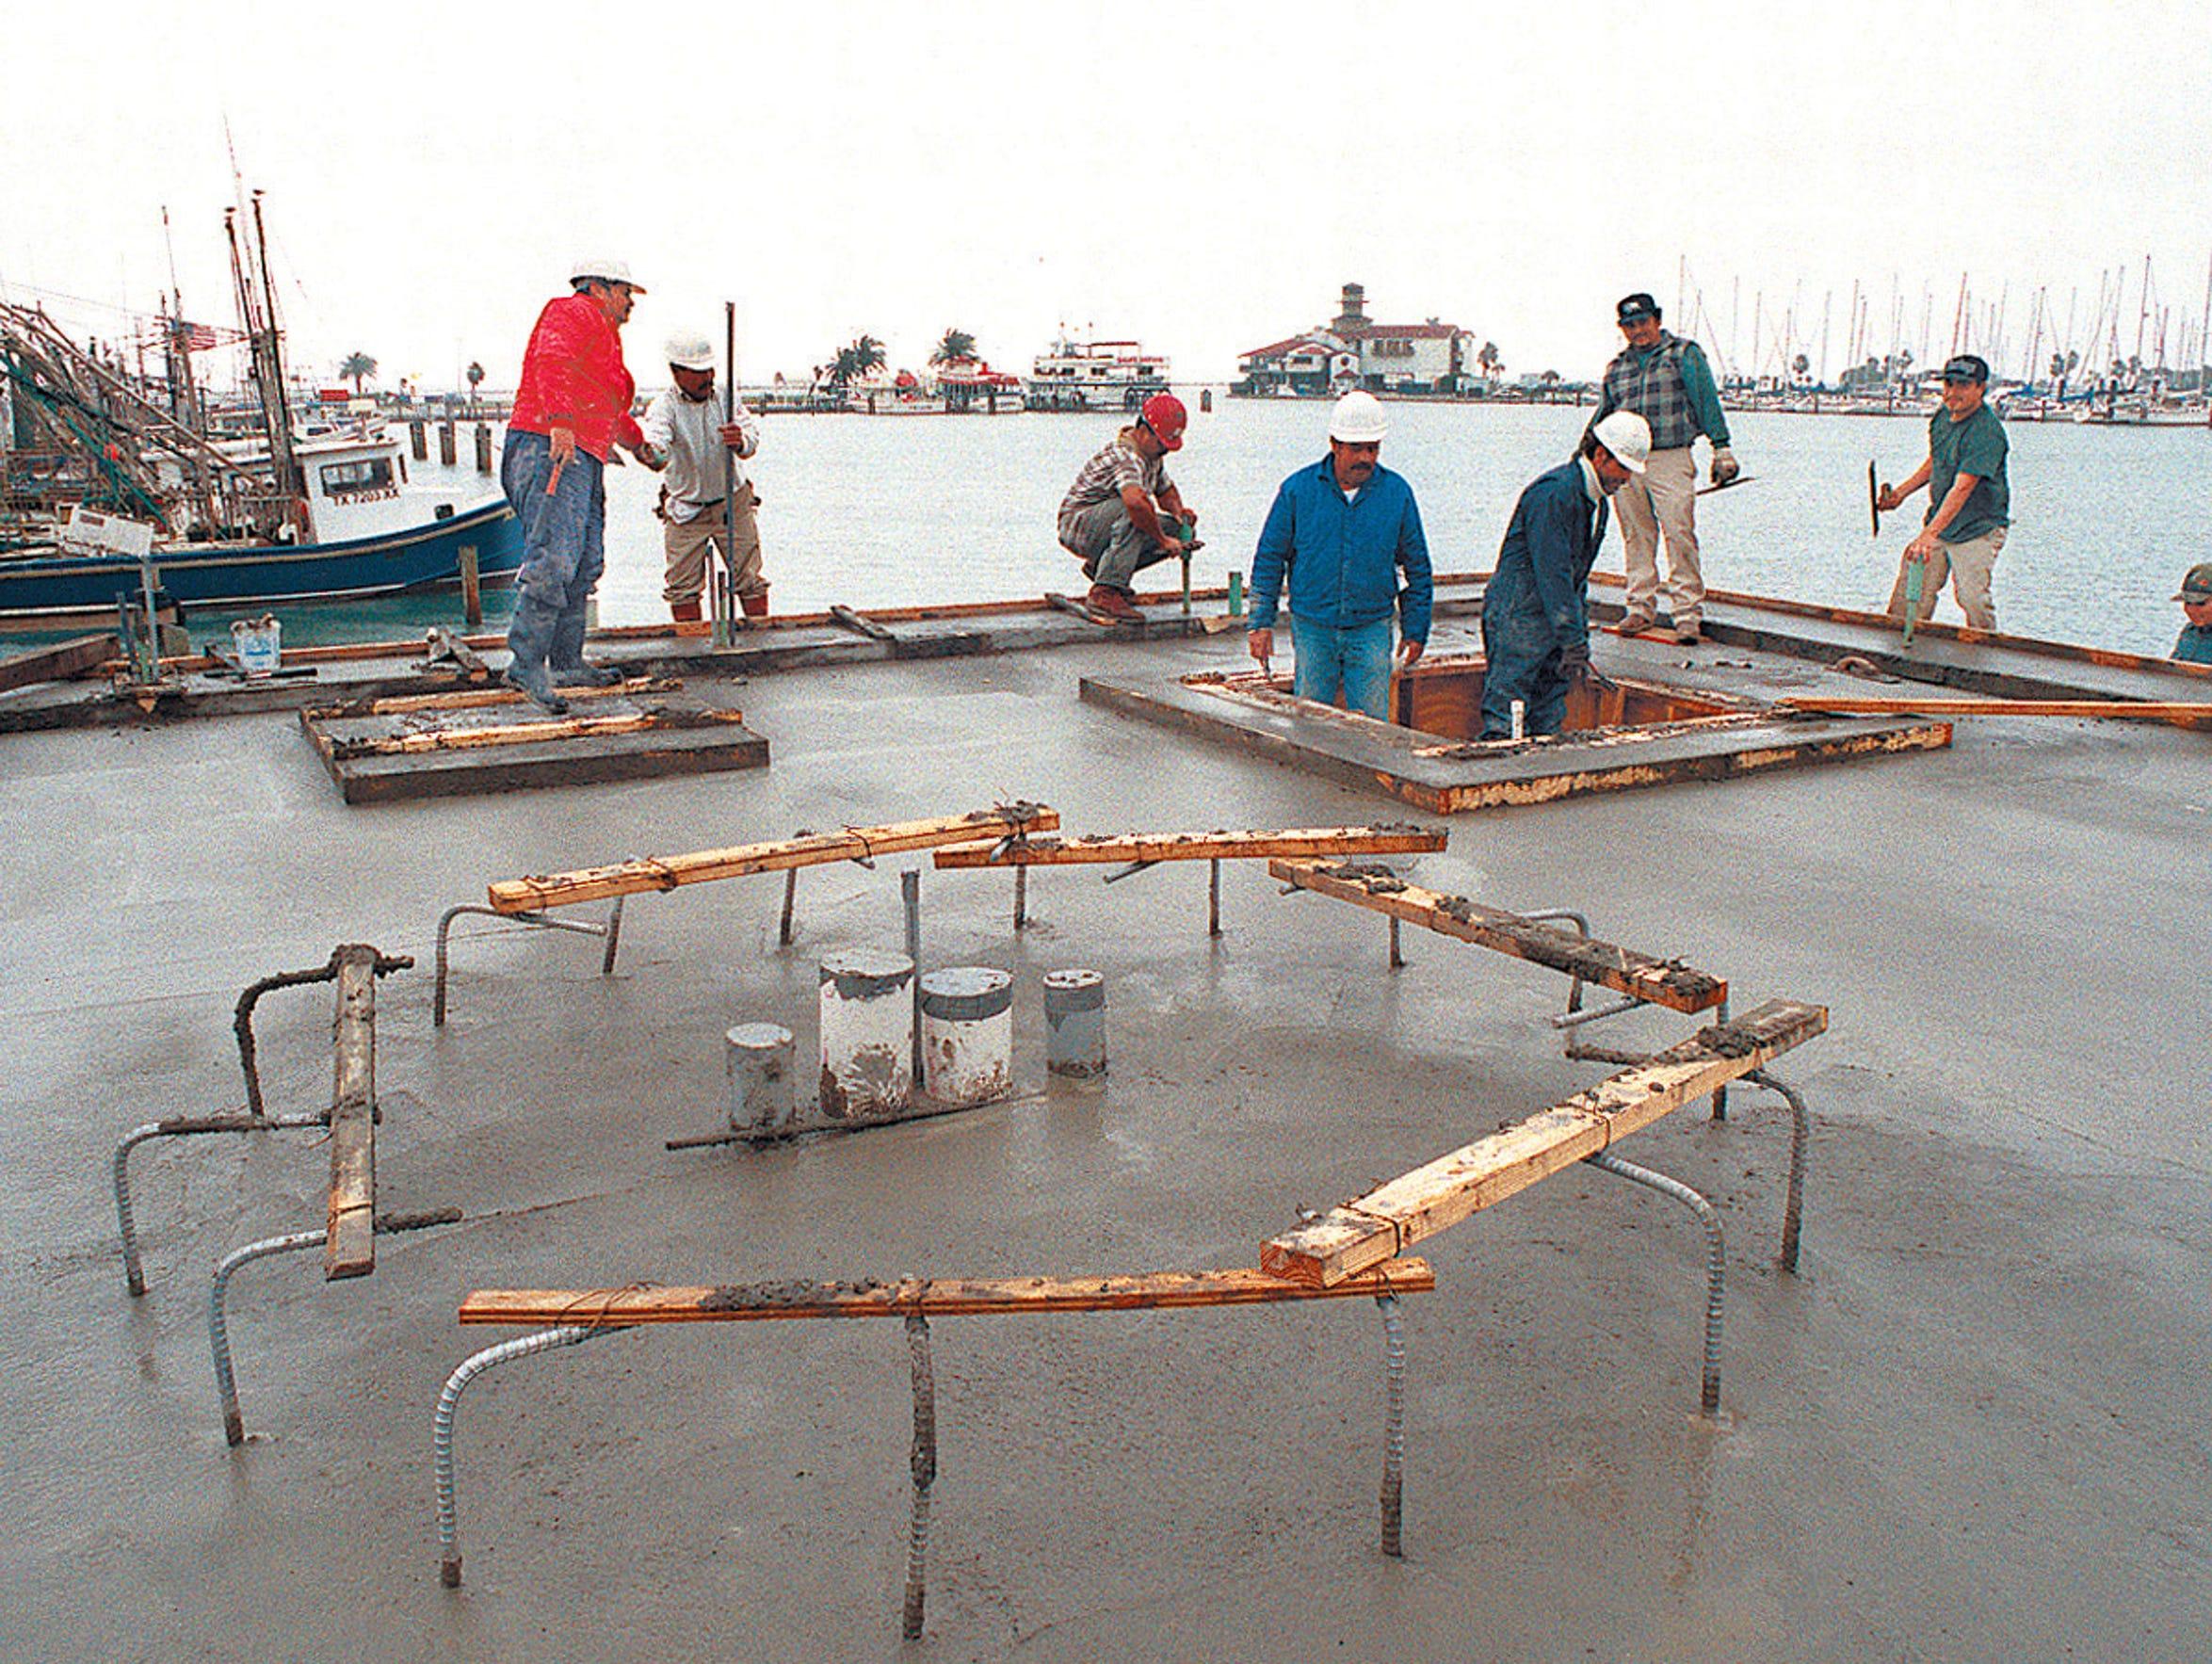 Construction of the memorial to slain Tejano star Selena,